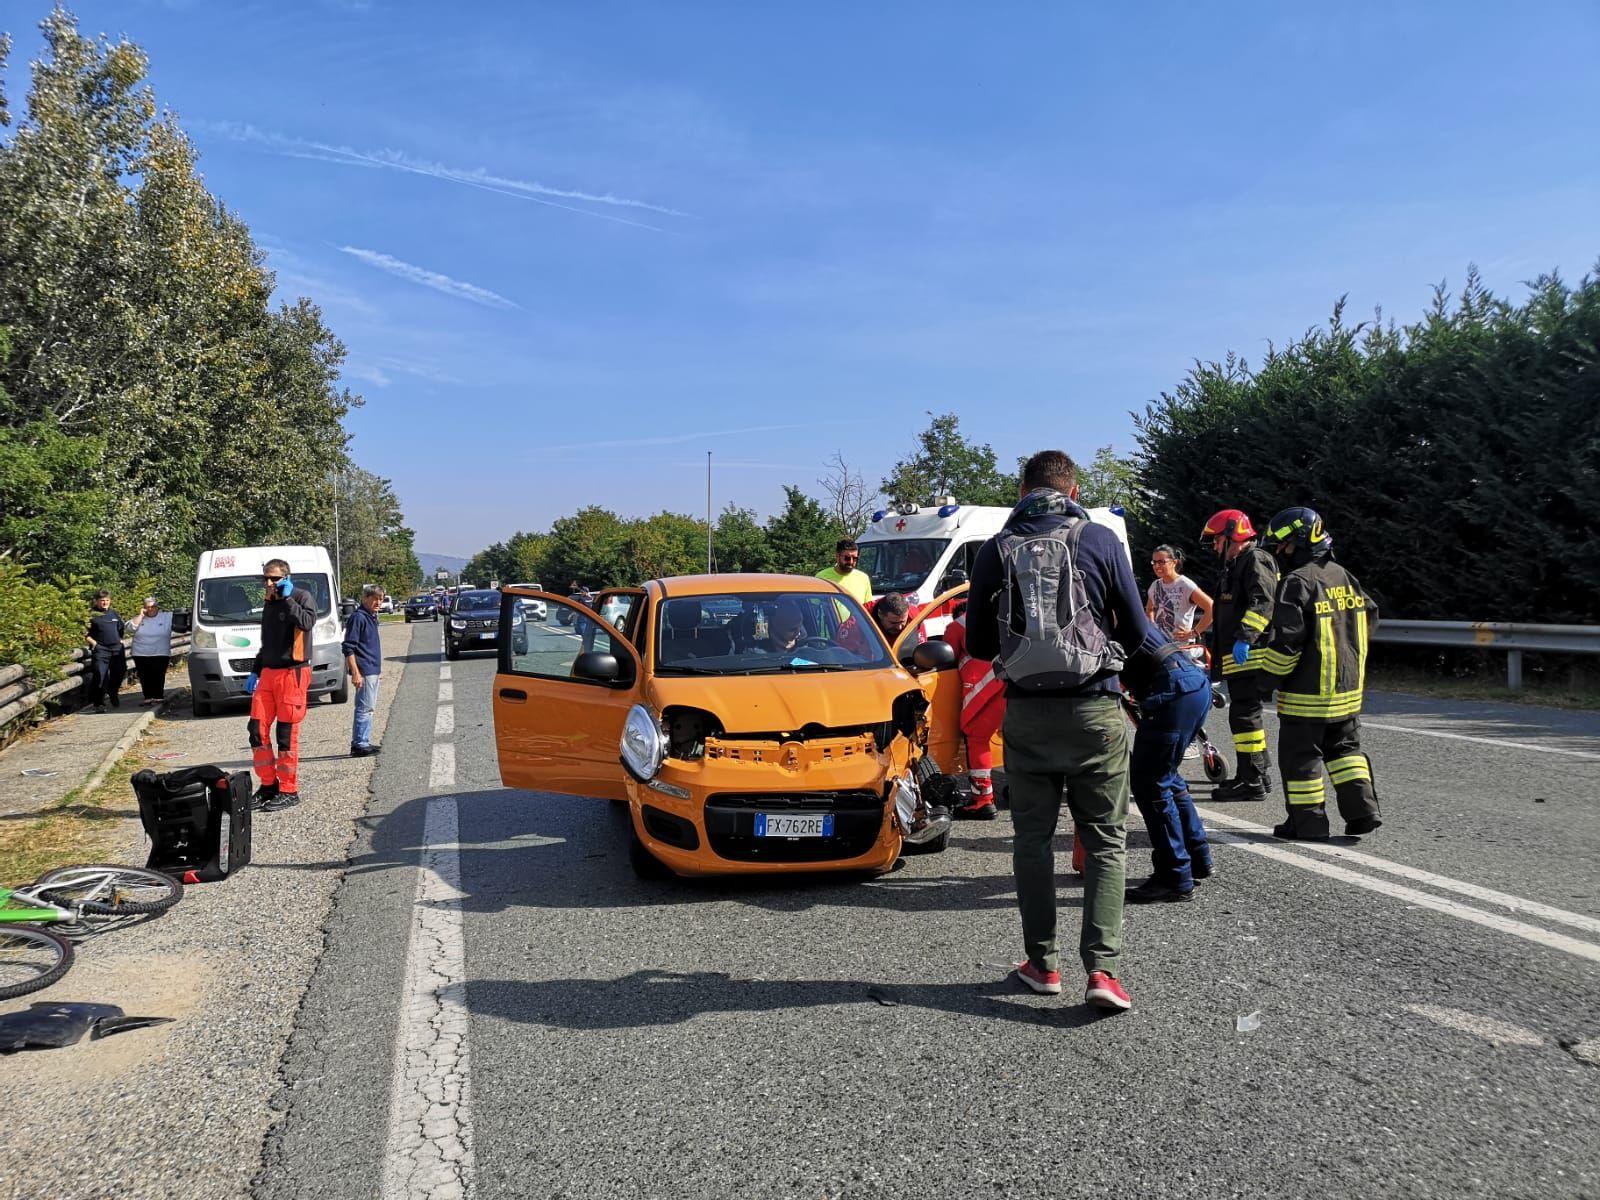 RIVAROLO CANAVESE - Un altro incidente stradale sul ponte dell'Orco: due donne di Agliè ferite - FOTO e VIDEO